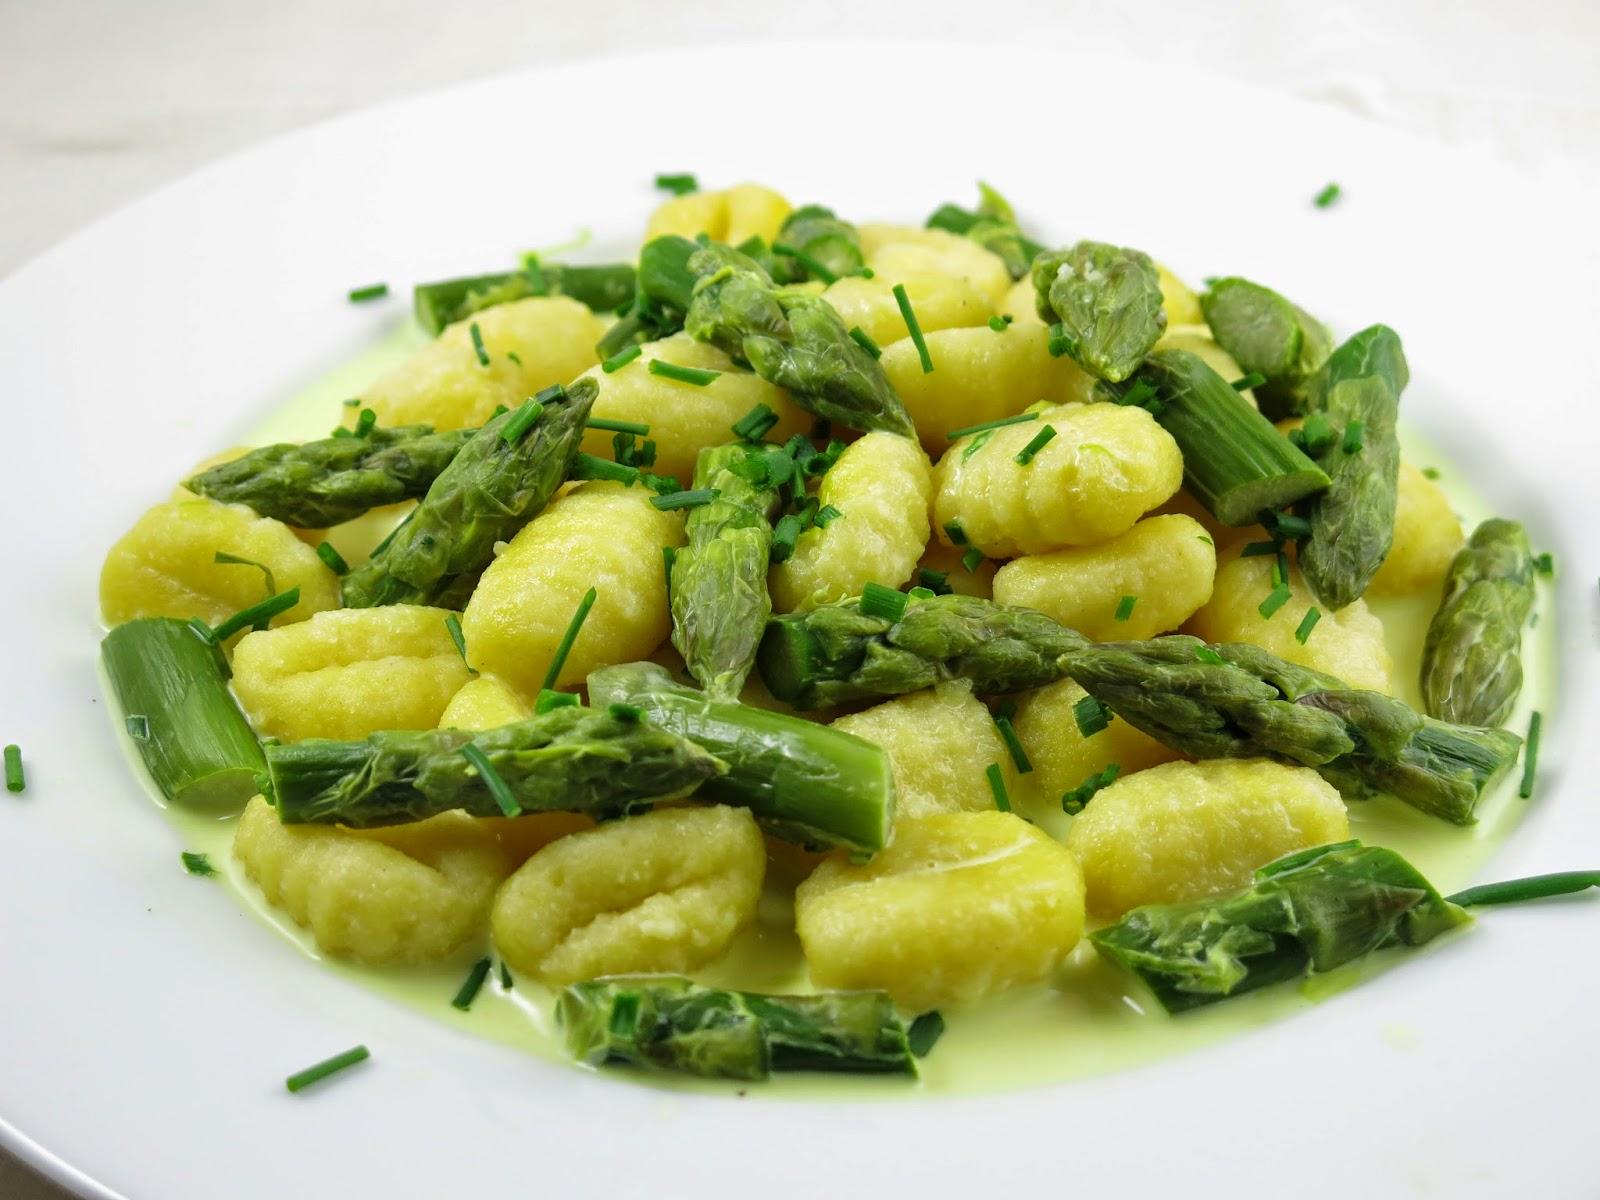 http://carrotcake.fr/fr/recipes/gnocchis-de-pomme-de-terre-aux-asperges